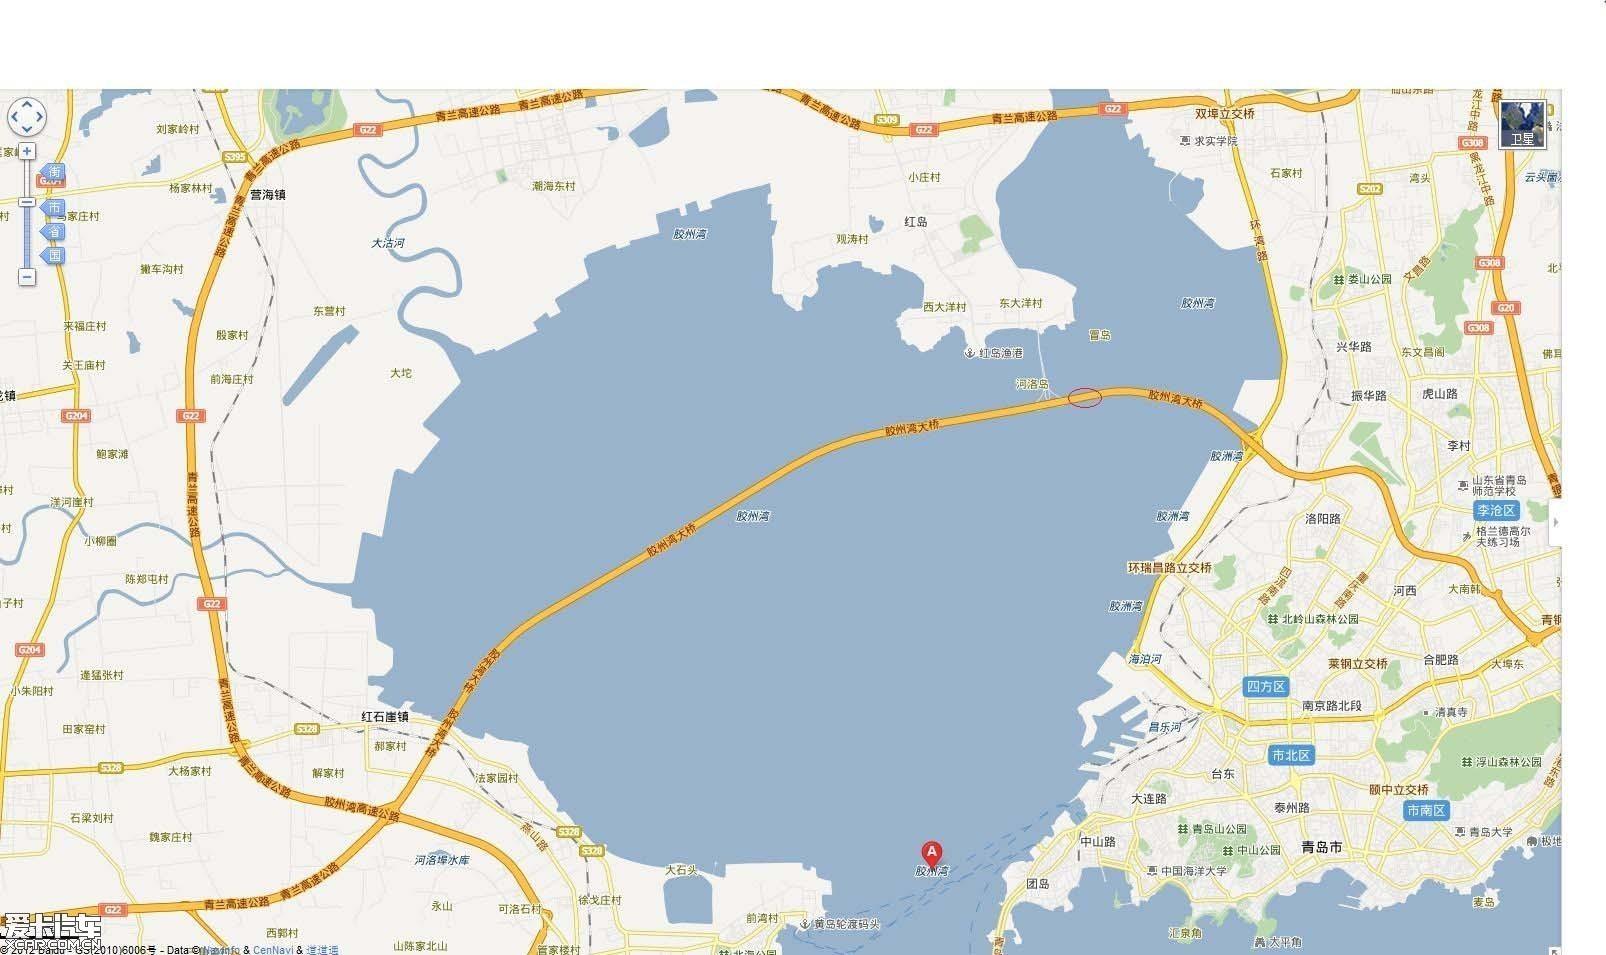 照片摄于青岛环胶州湾大桥上,也只有这一个地方能让我靠边停车拍照.